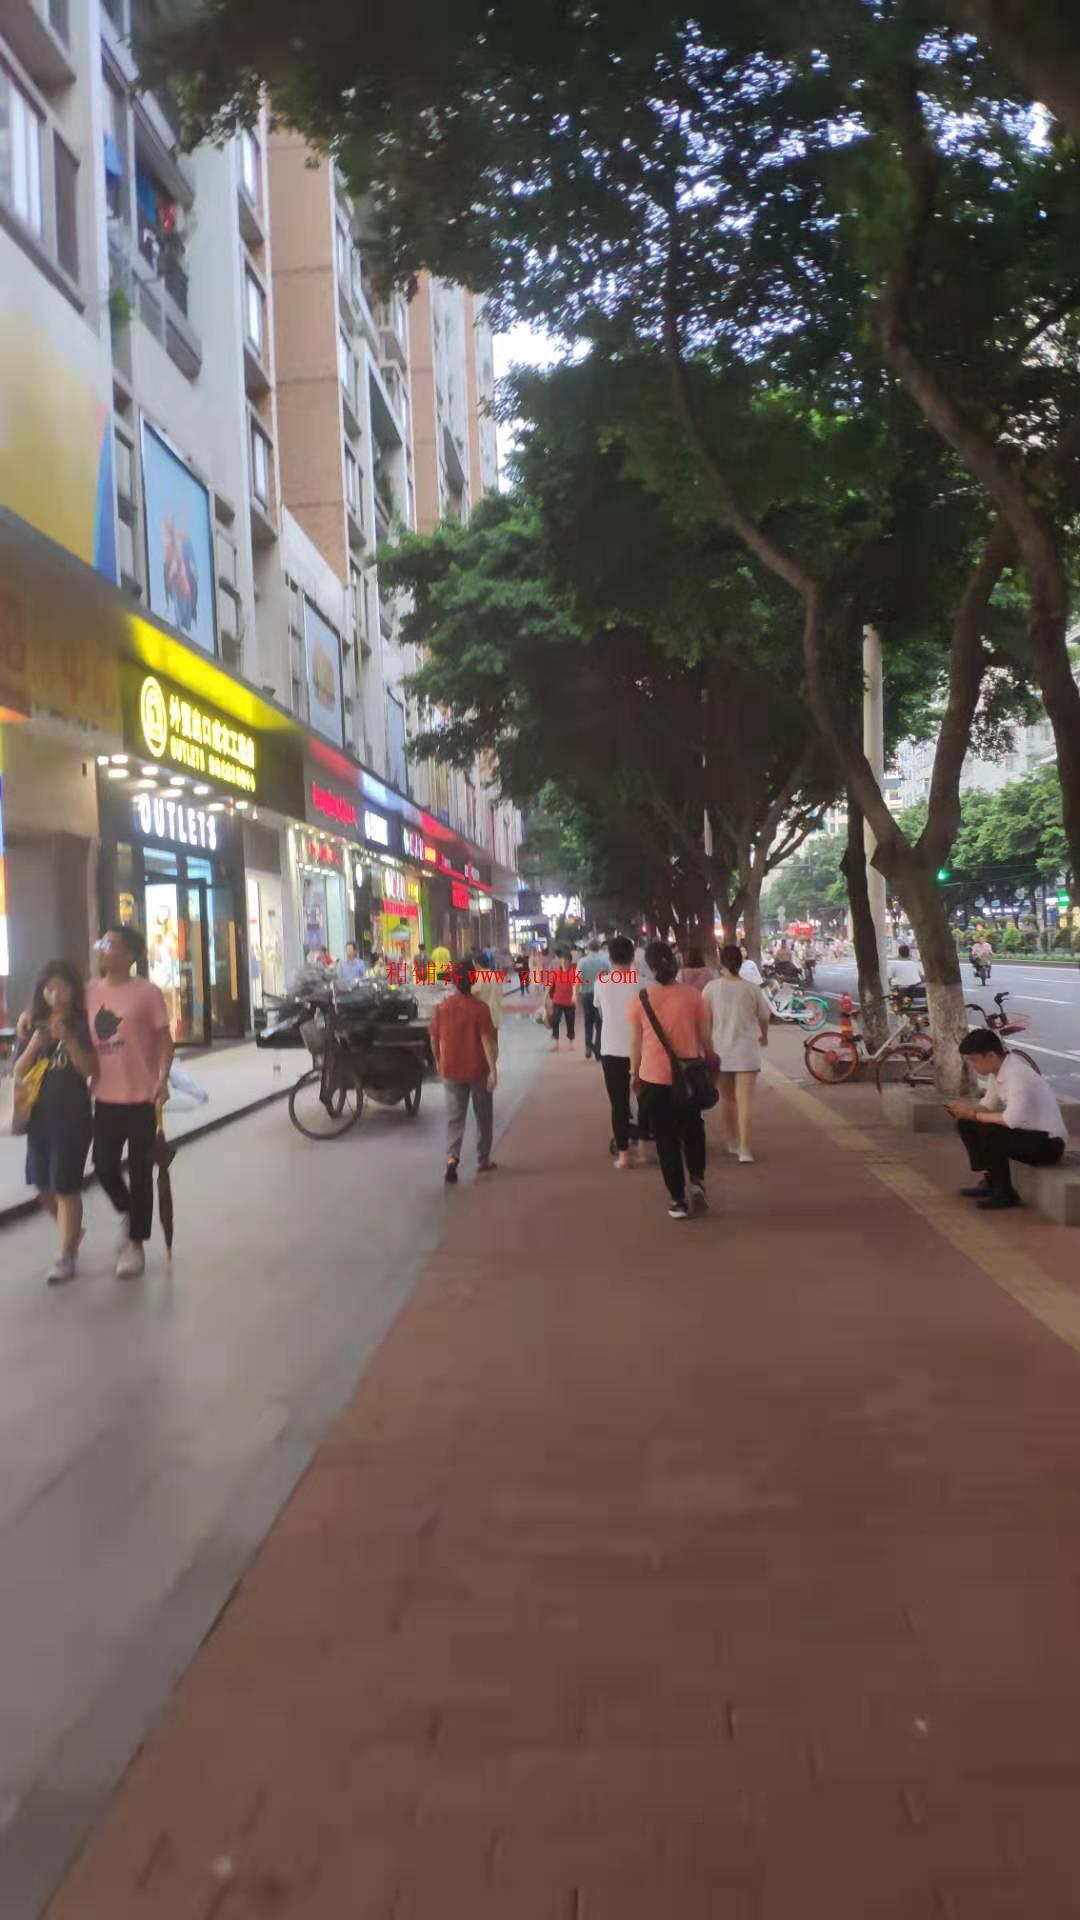 越秀中山一路沿街旺铺,小区出入口,可早餐熟食斩料,过路客不断